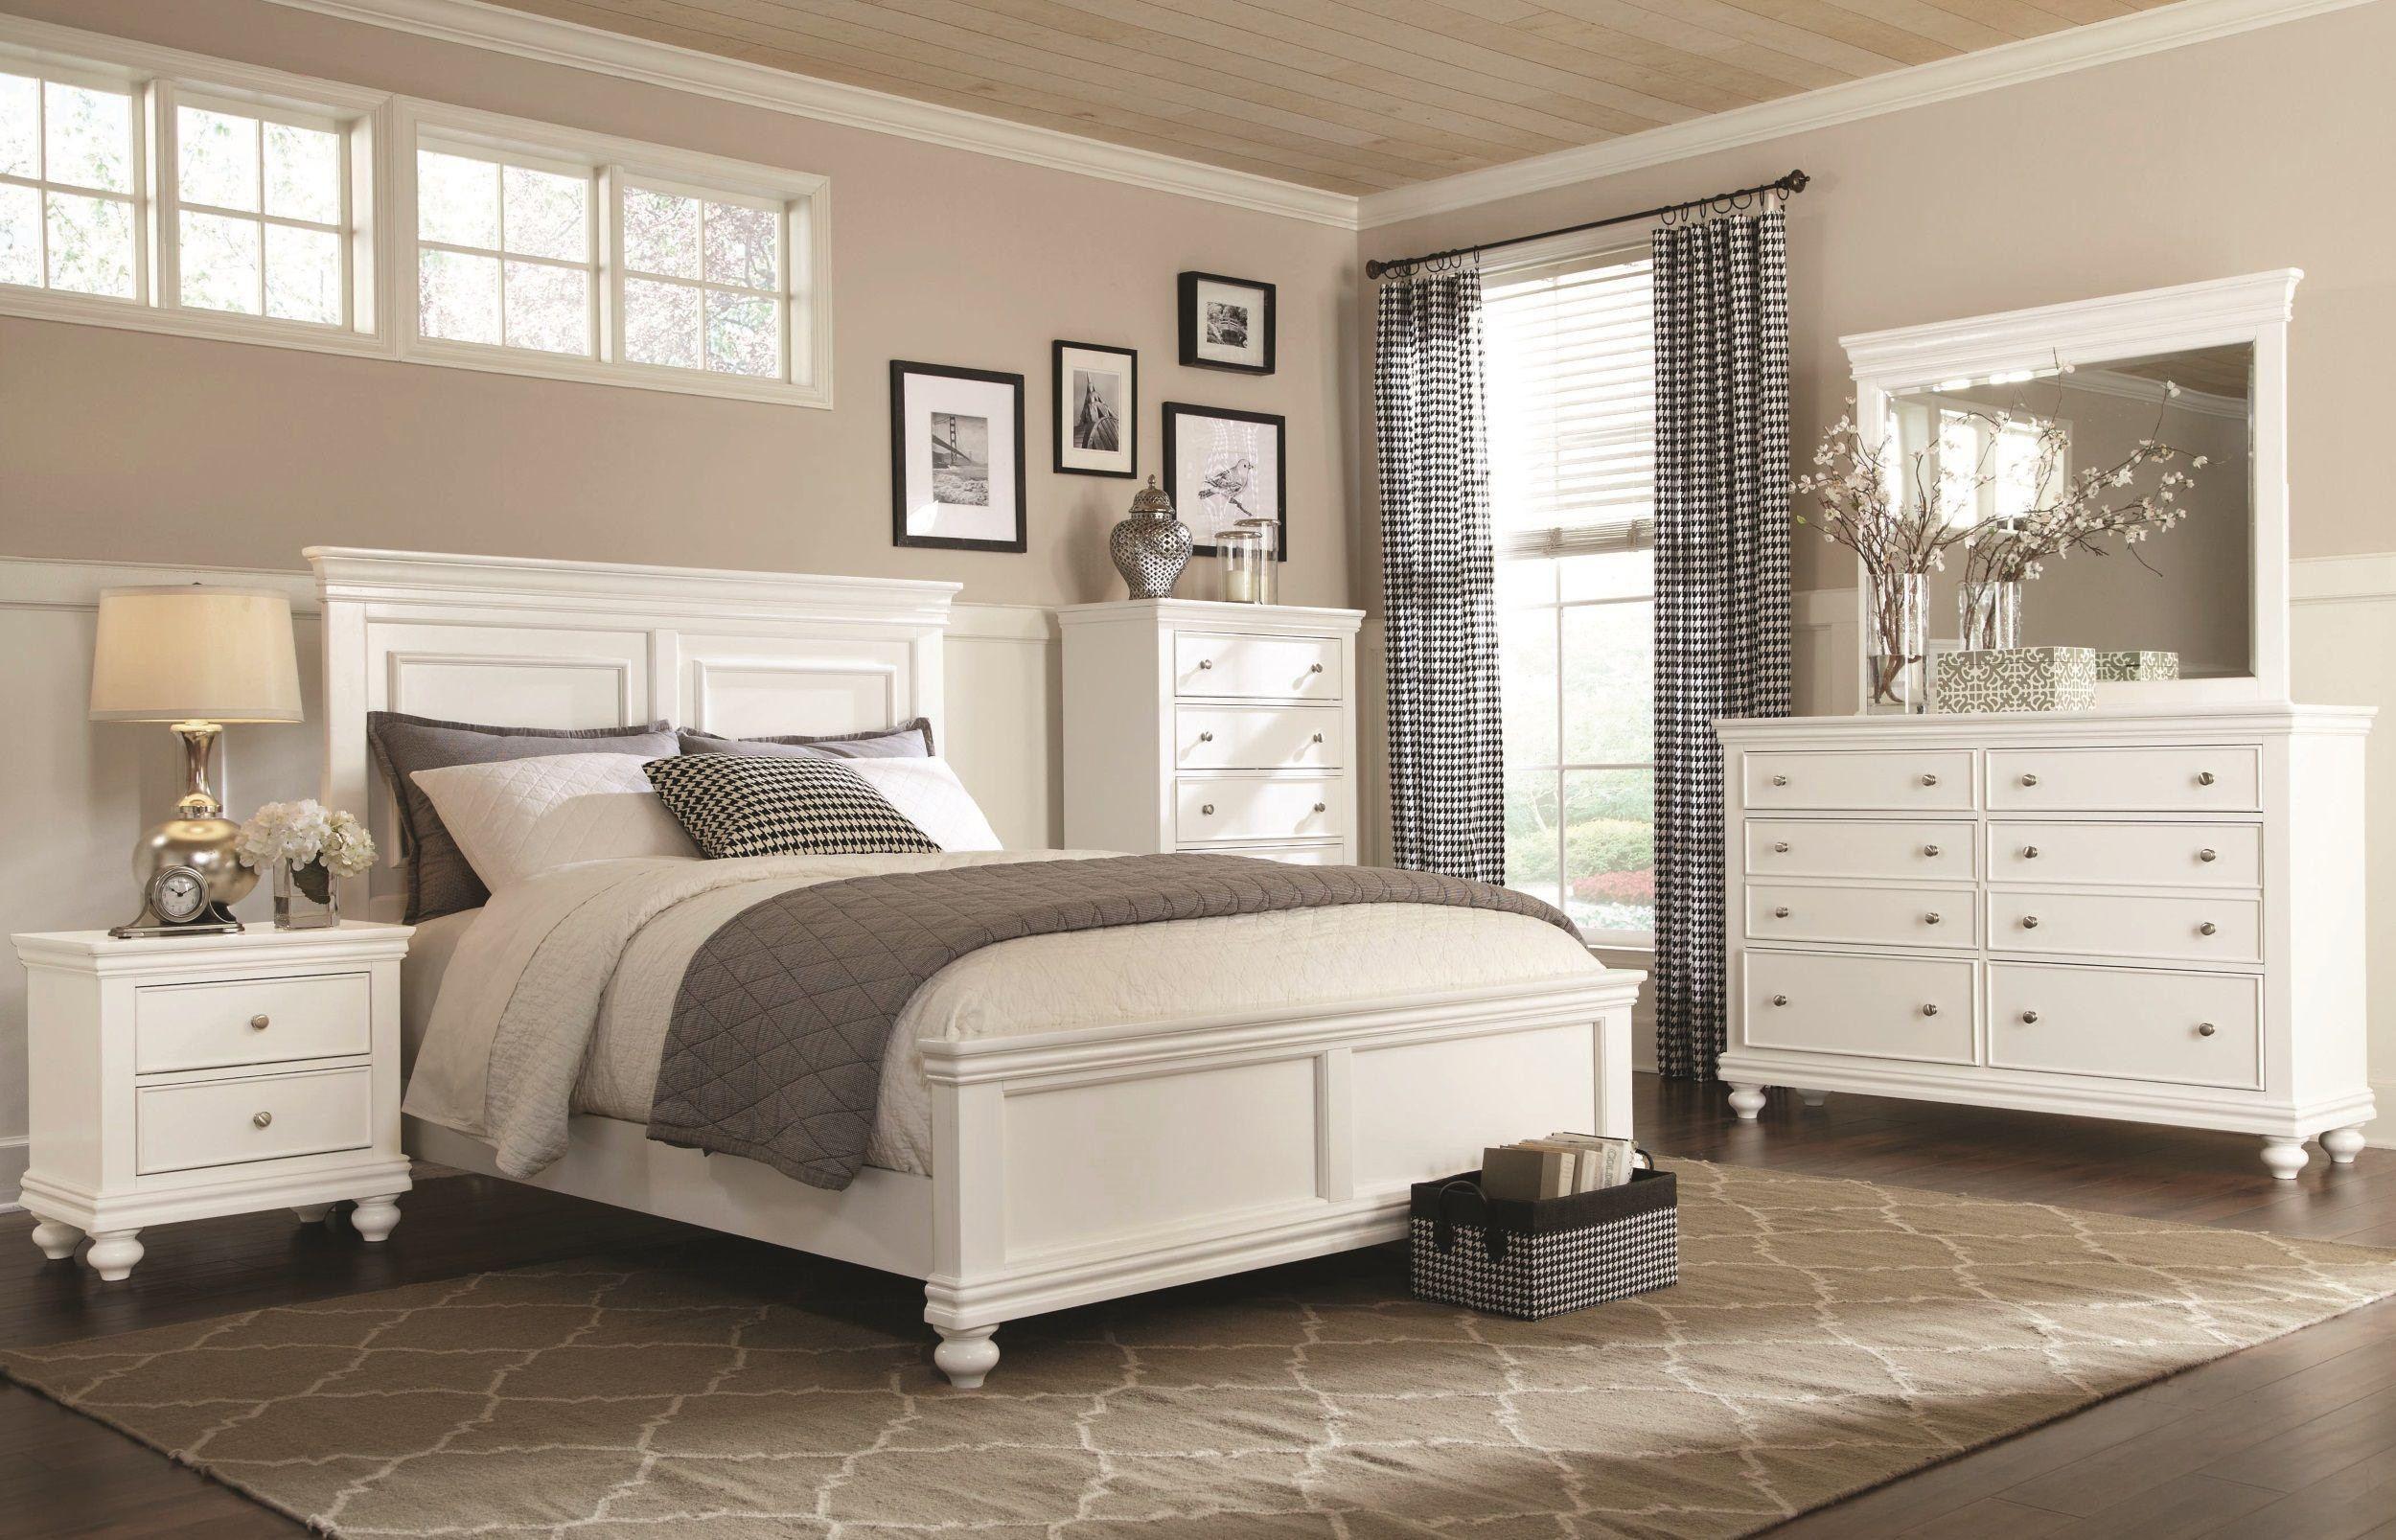 italian furniture bedroom set bedroom furniture sets bedroom furniture sets best mahogany traditional bedroom set exclusive